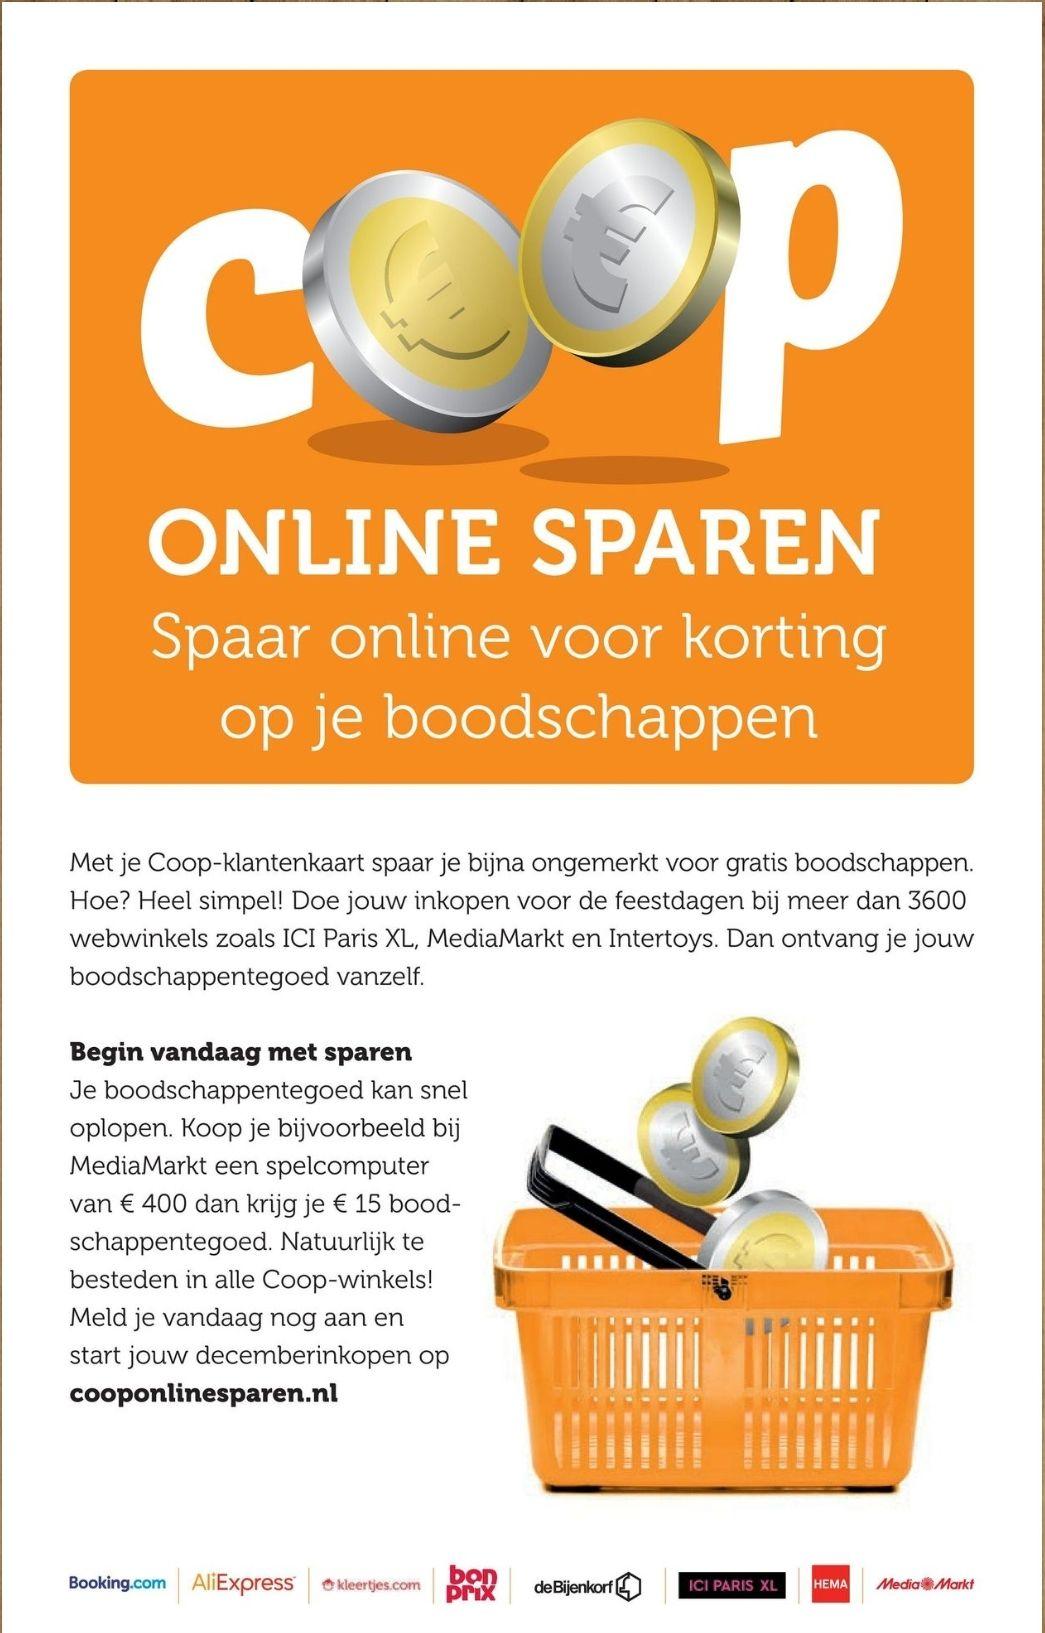 Online sparen voor Coop-voucher @ cooponlinesparen.nl